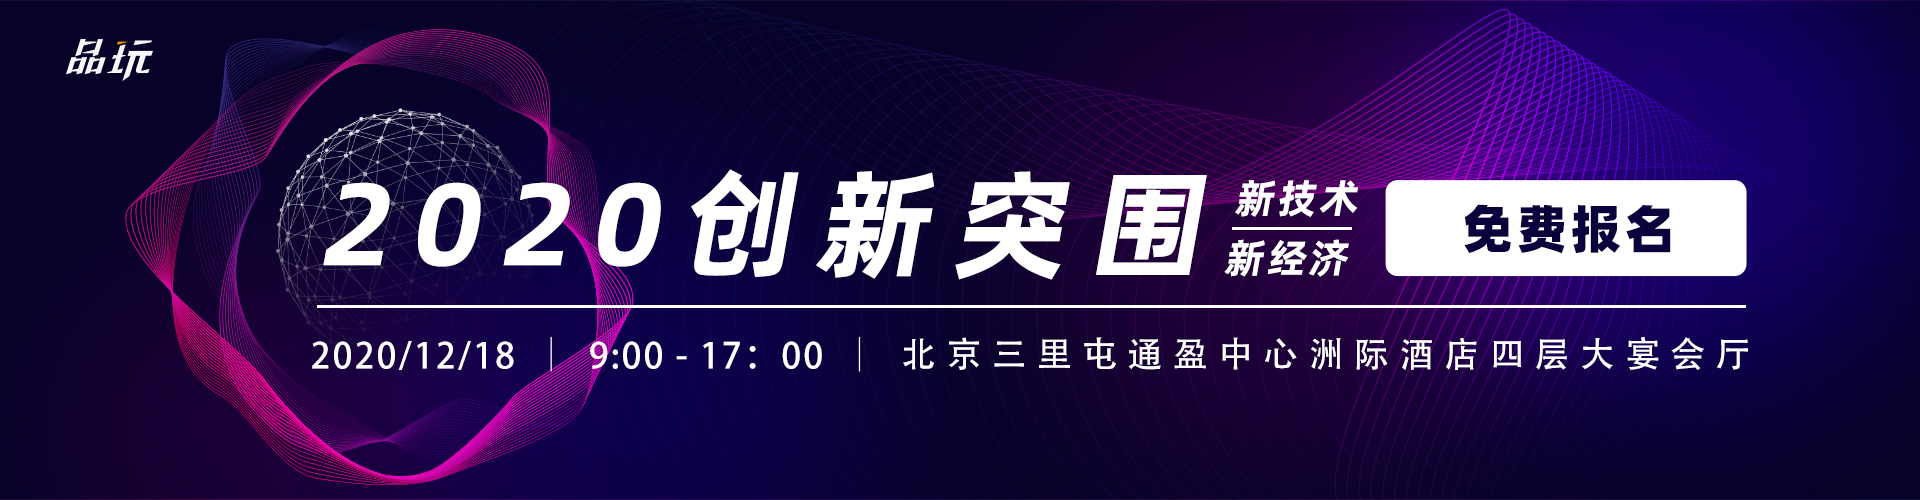 2020科技创新者大会